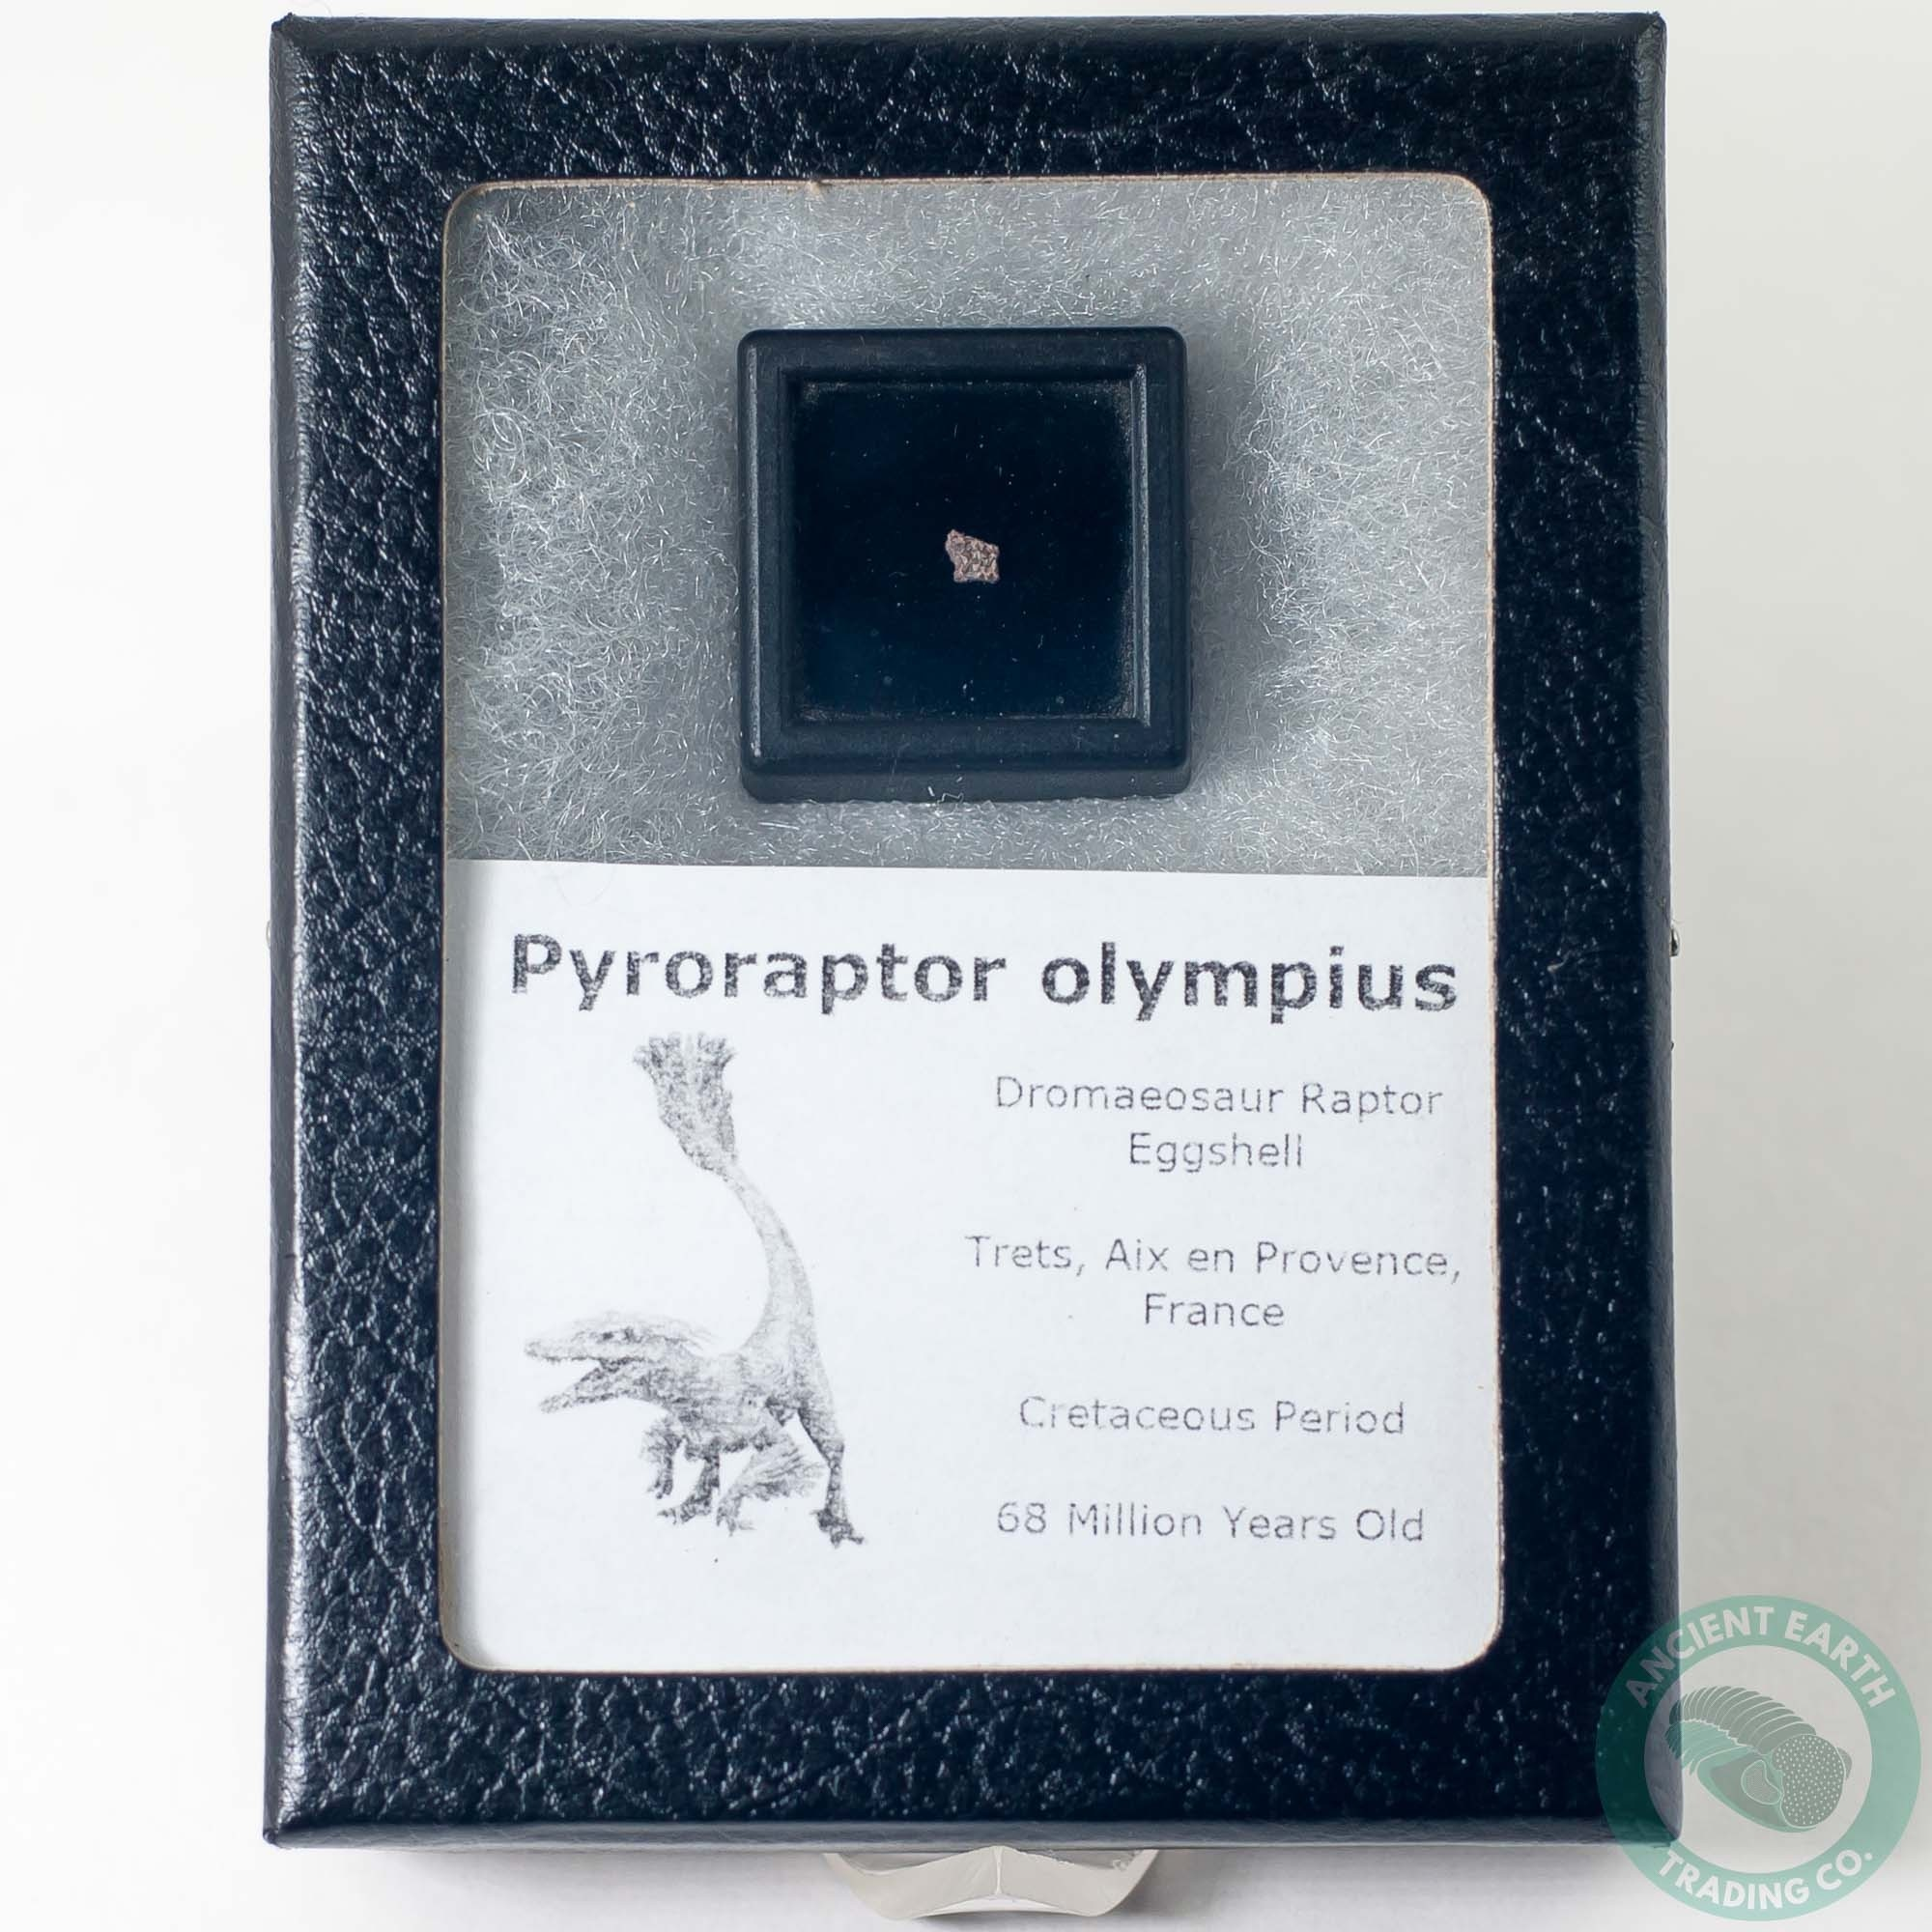 Pyroraptor Dromaeosaur Raptor Dinosaur Egg Shell Fossil 2 - France